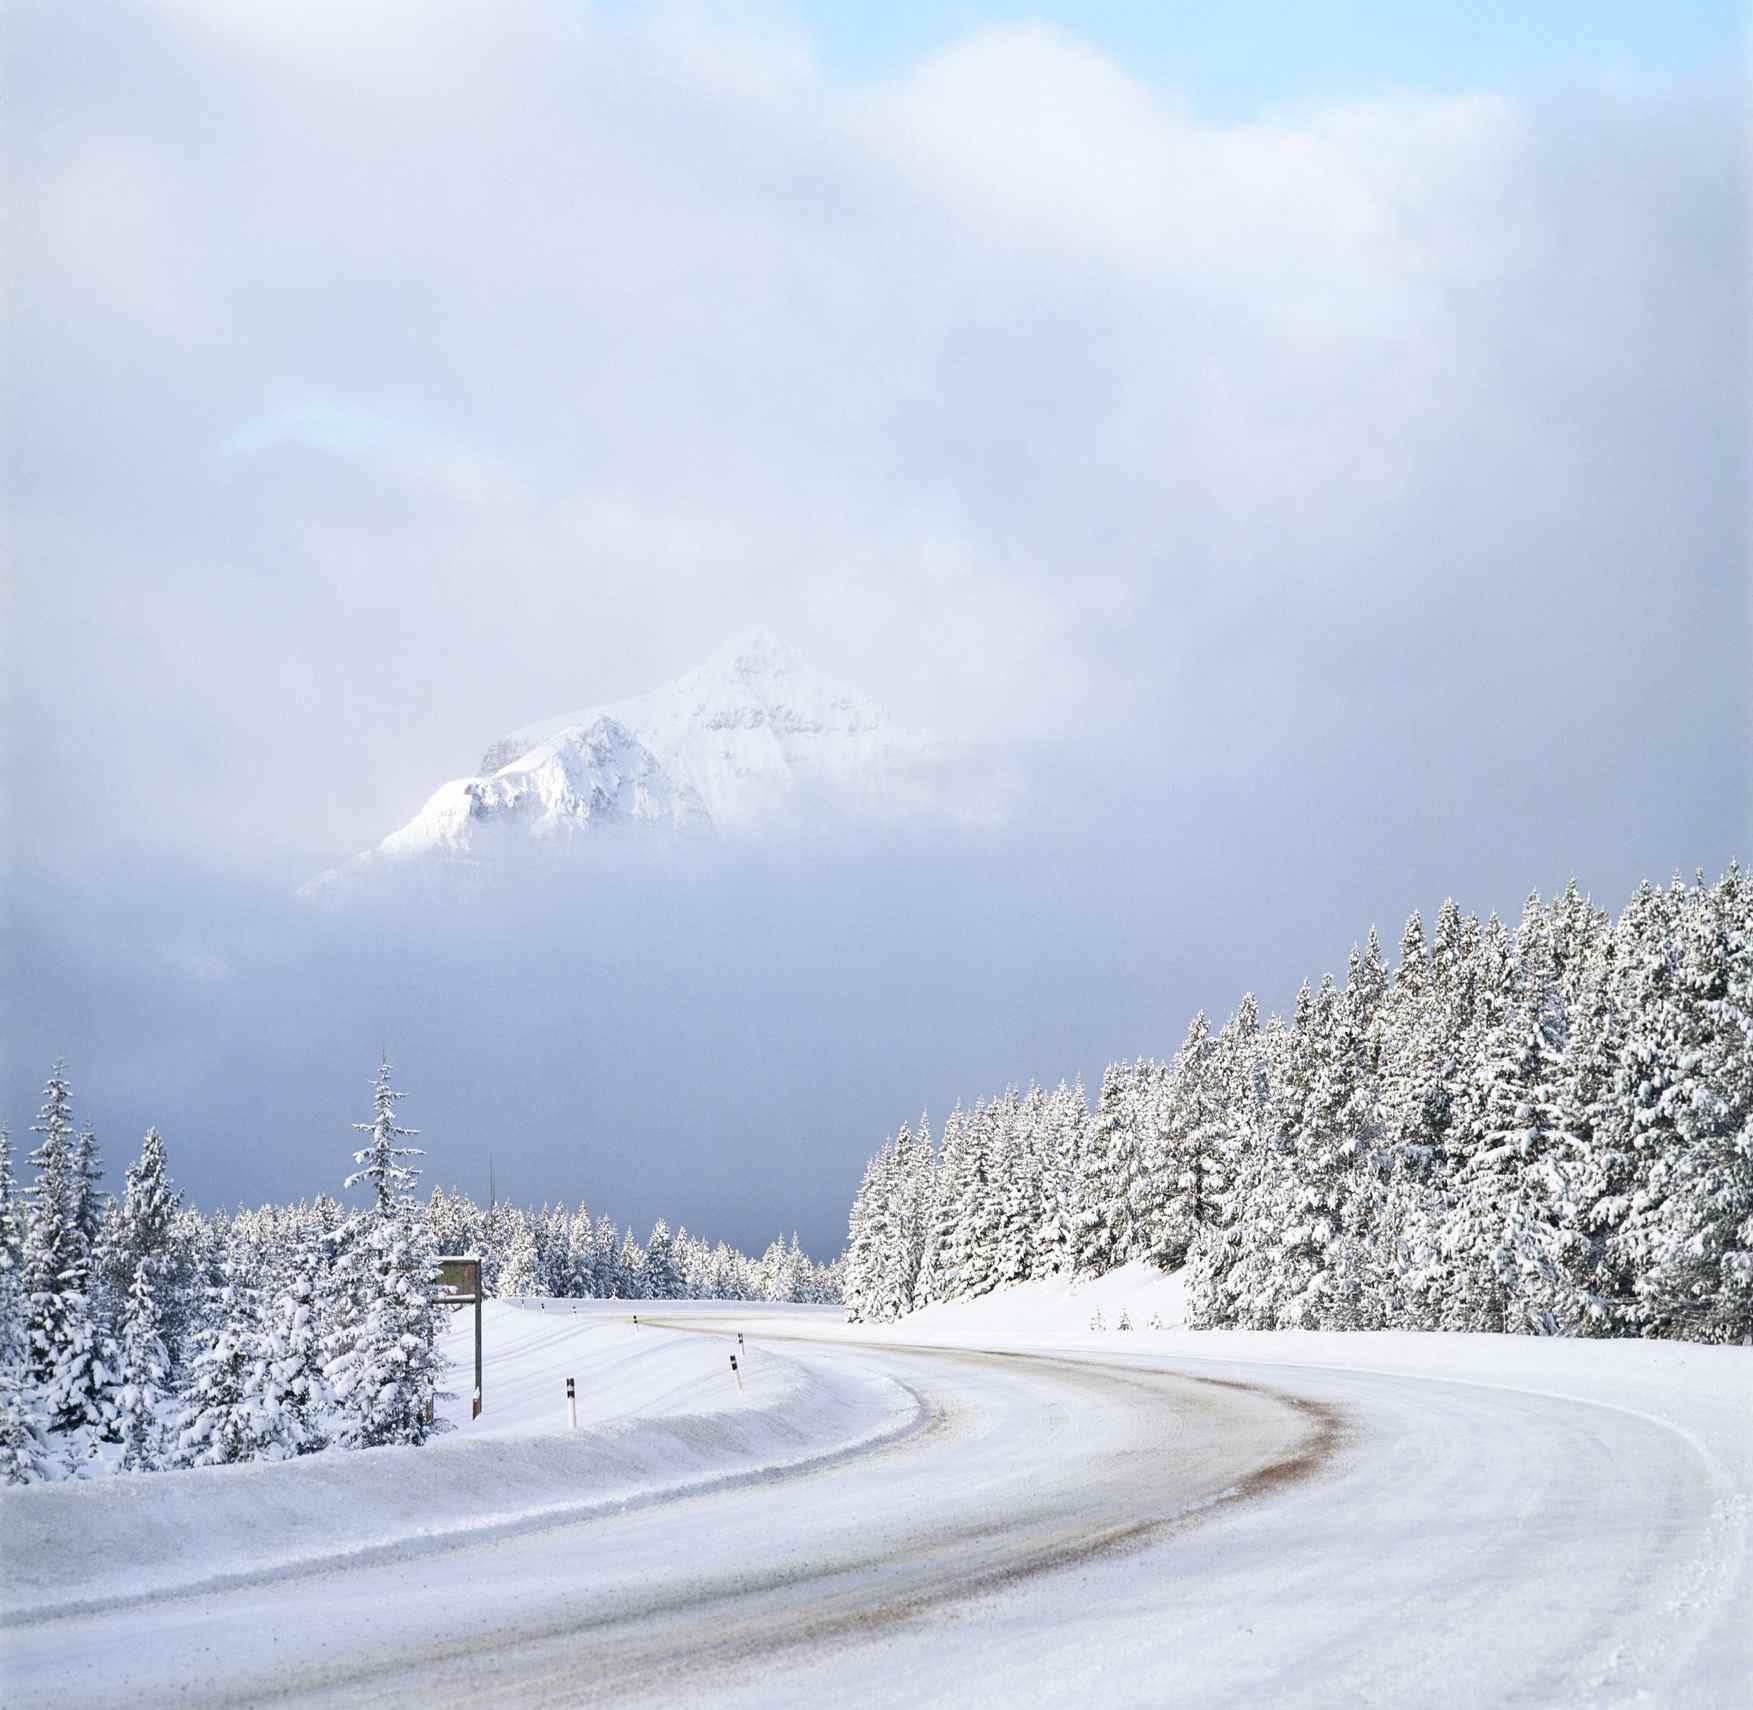 Caminos de invierno en Columbia Británica, Canadá